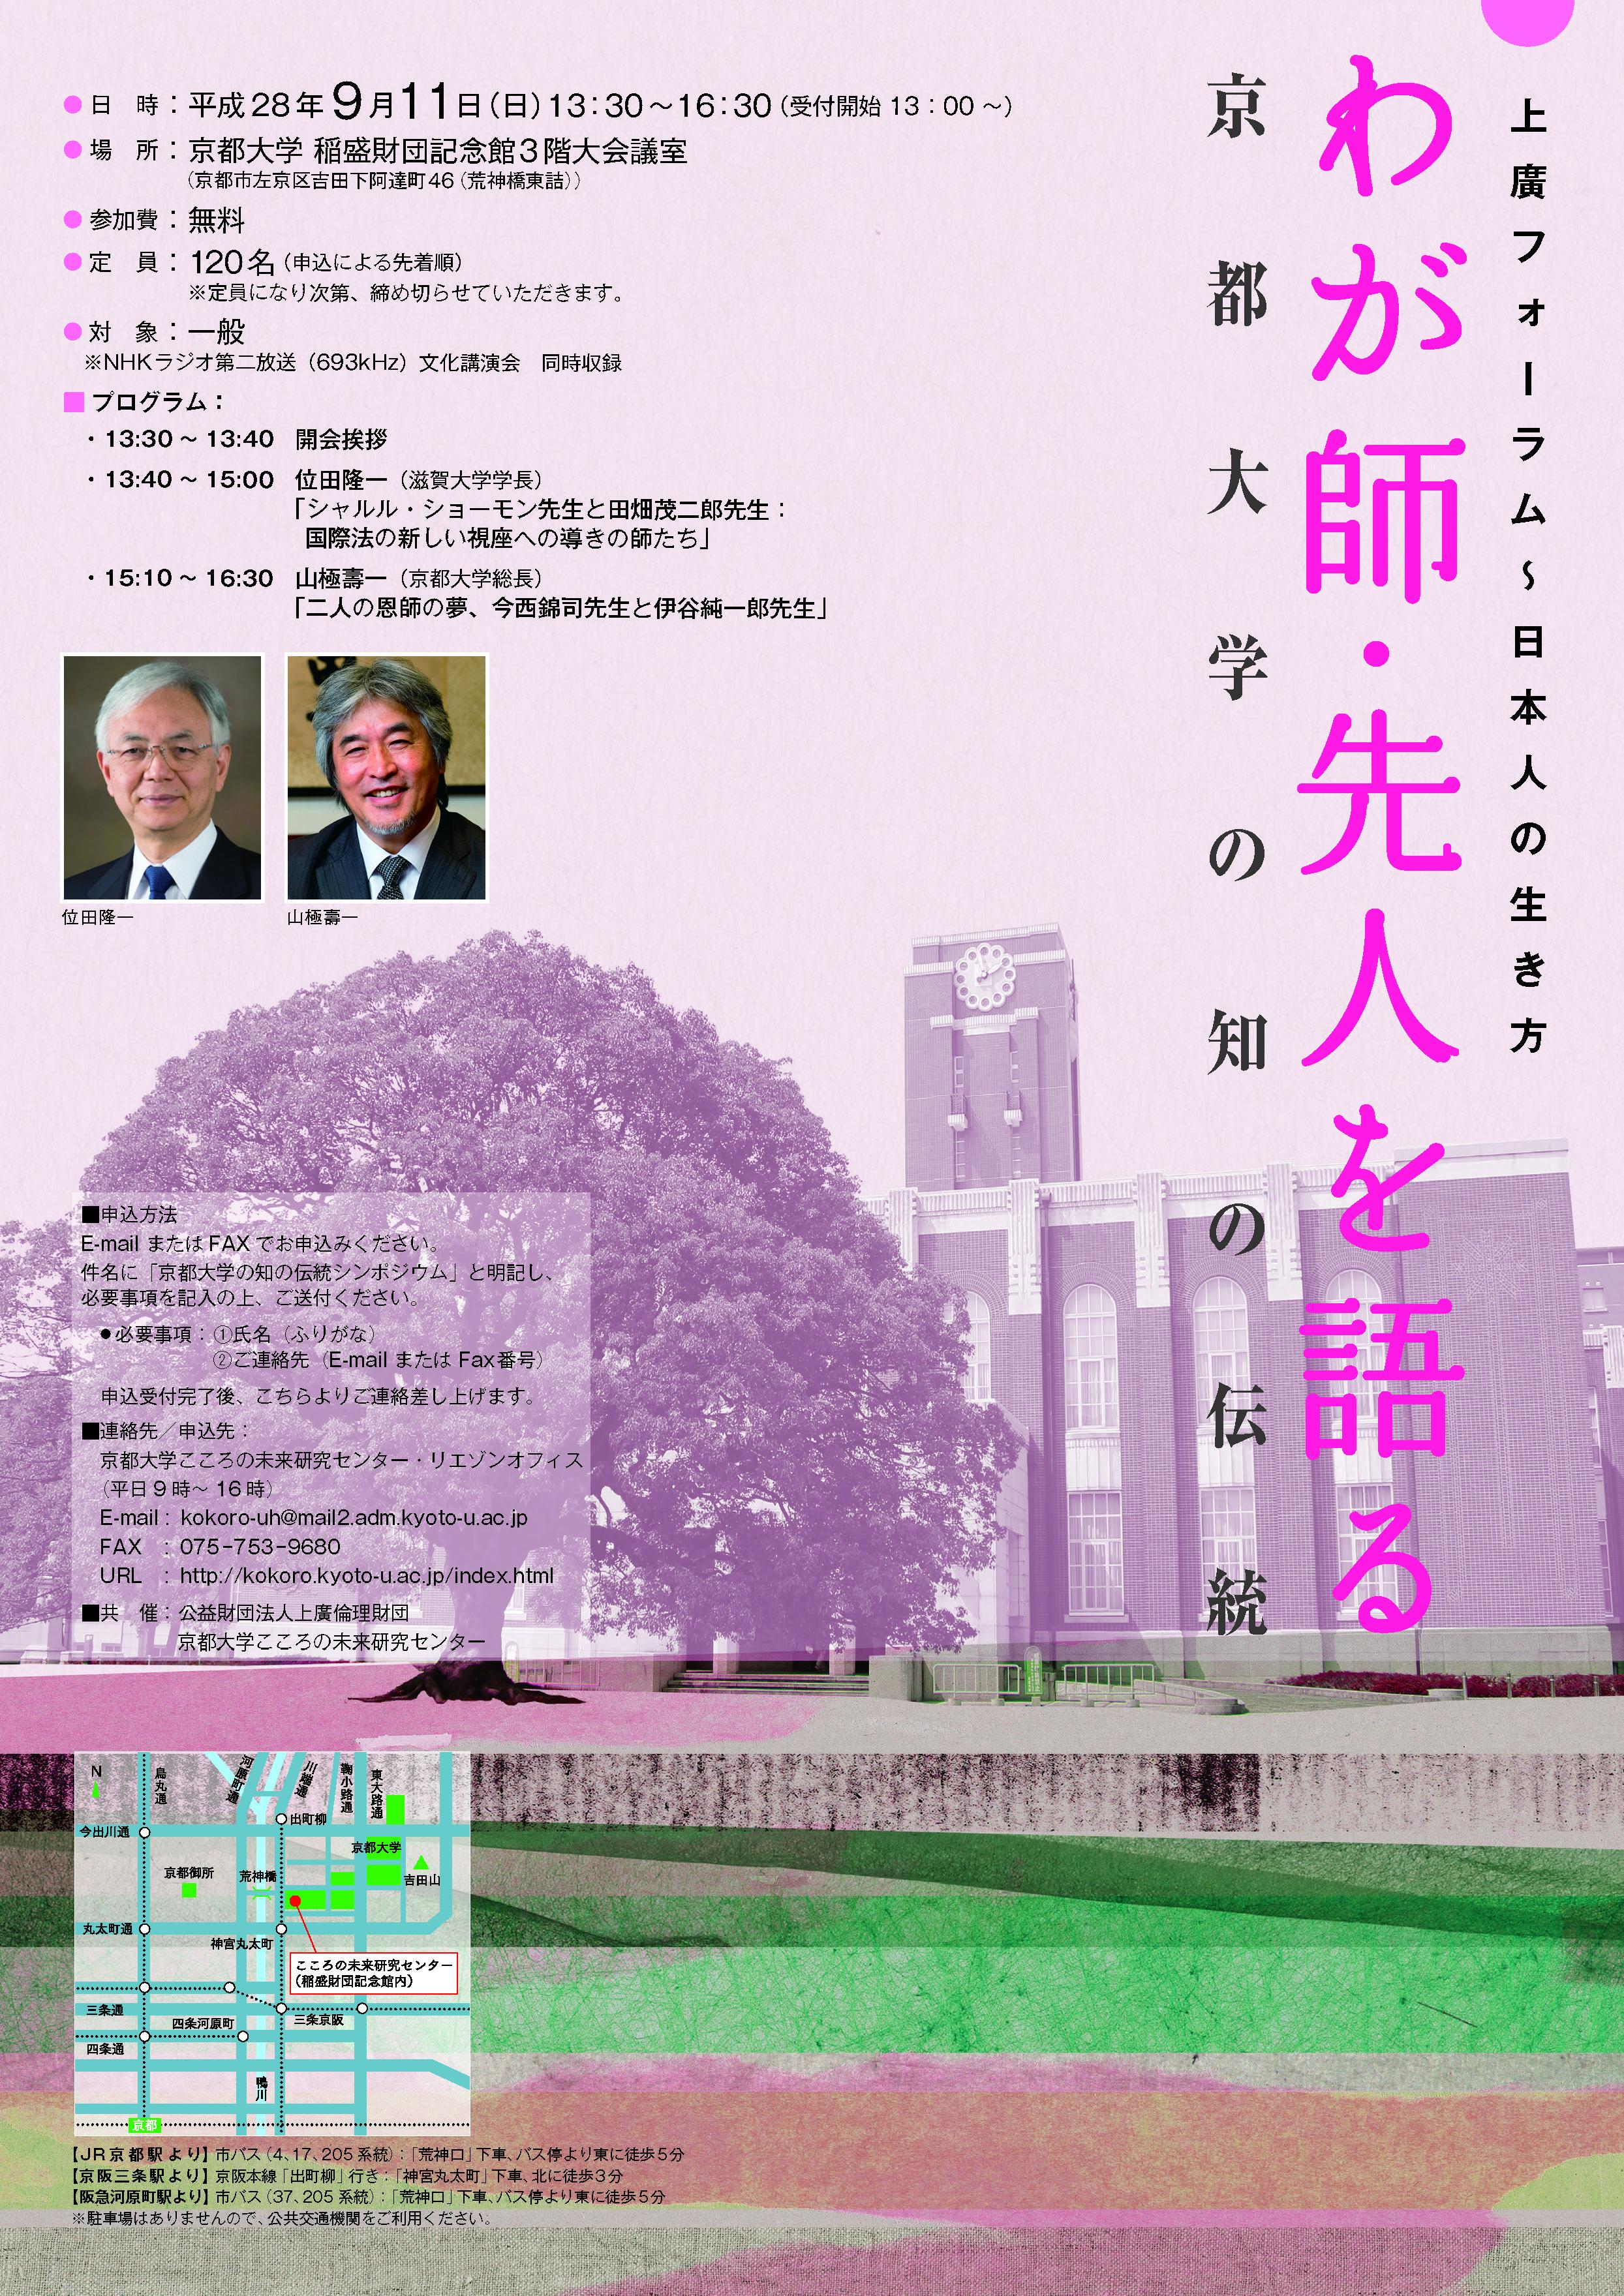 上廣フォーラム~日本人の生き方 「わが師・先人を語る」 京都大学の知の伝統